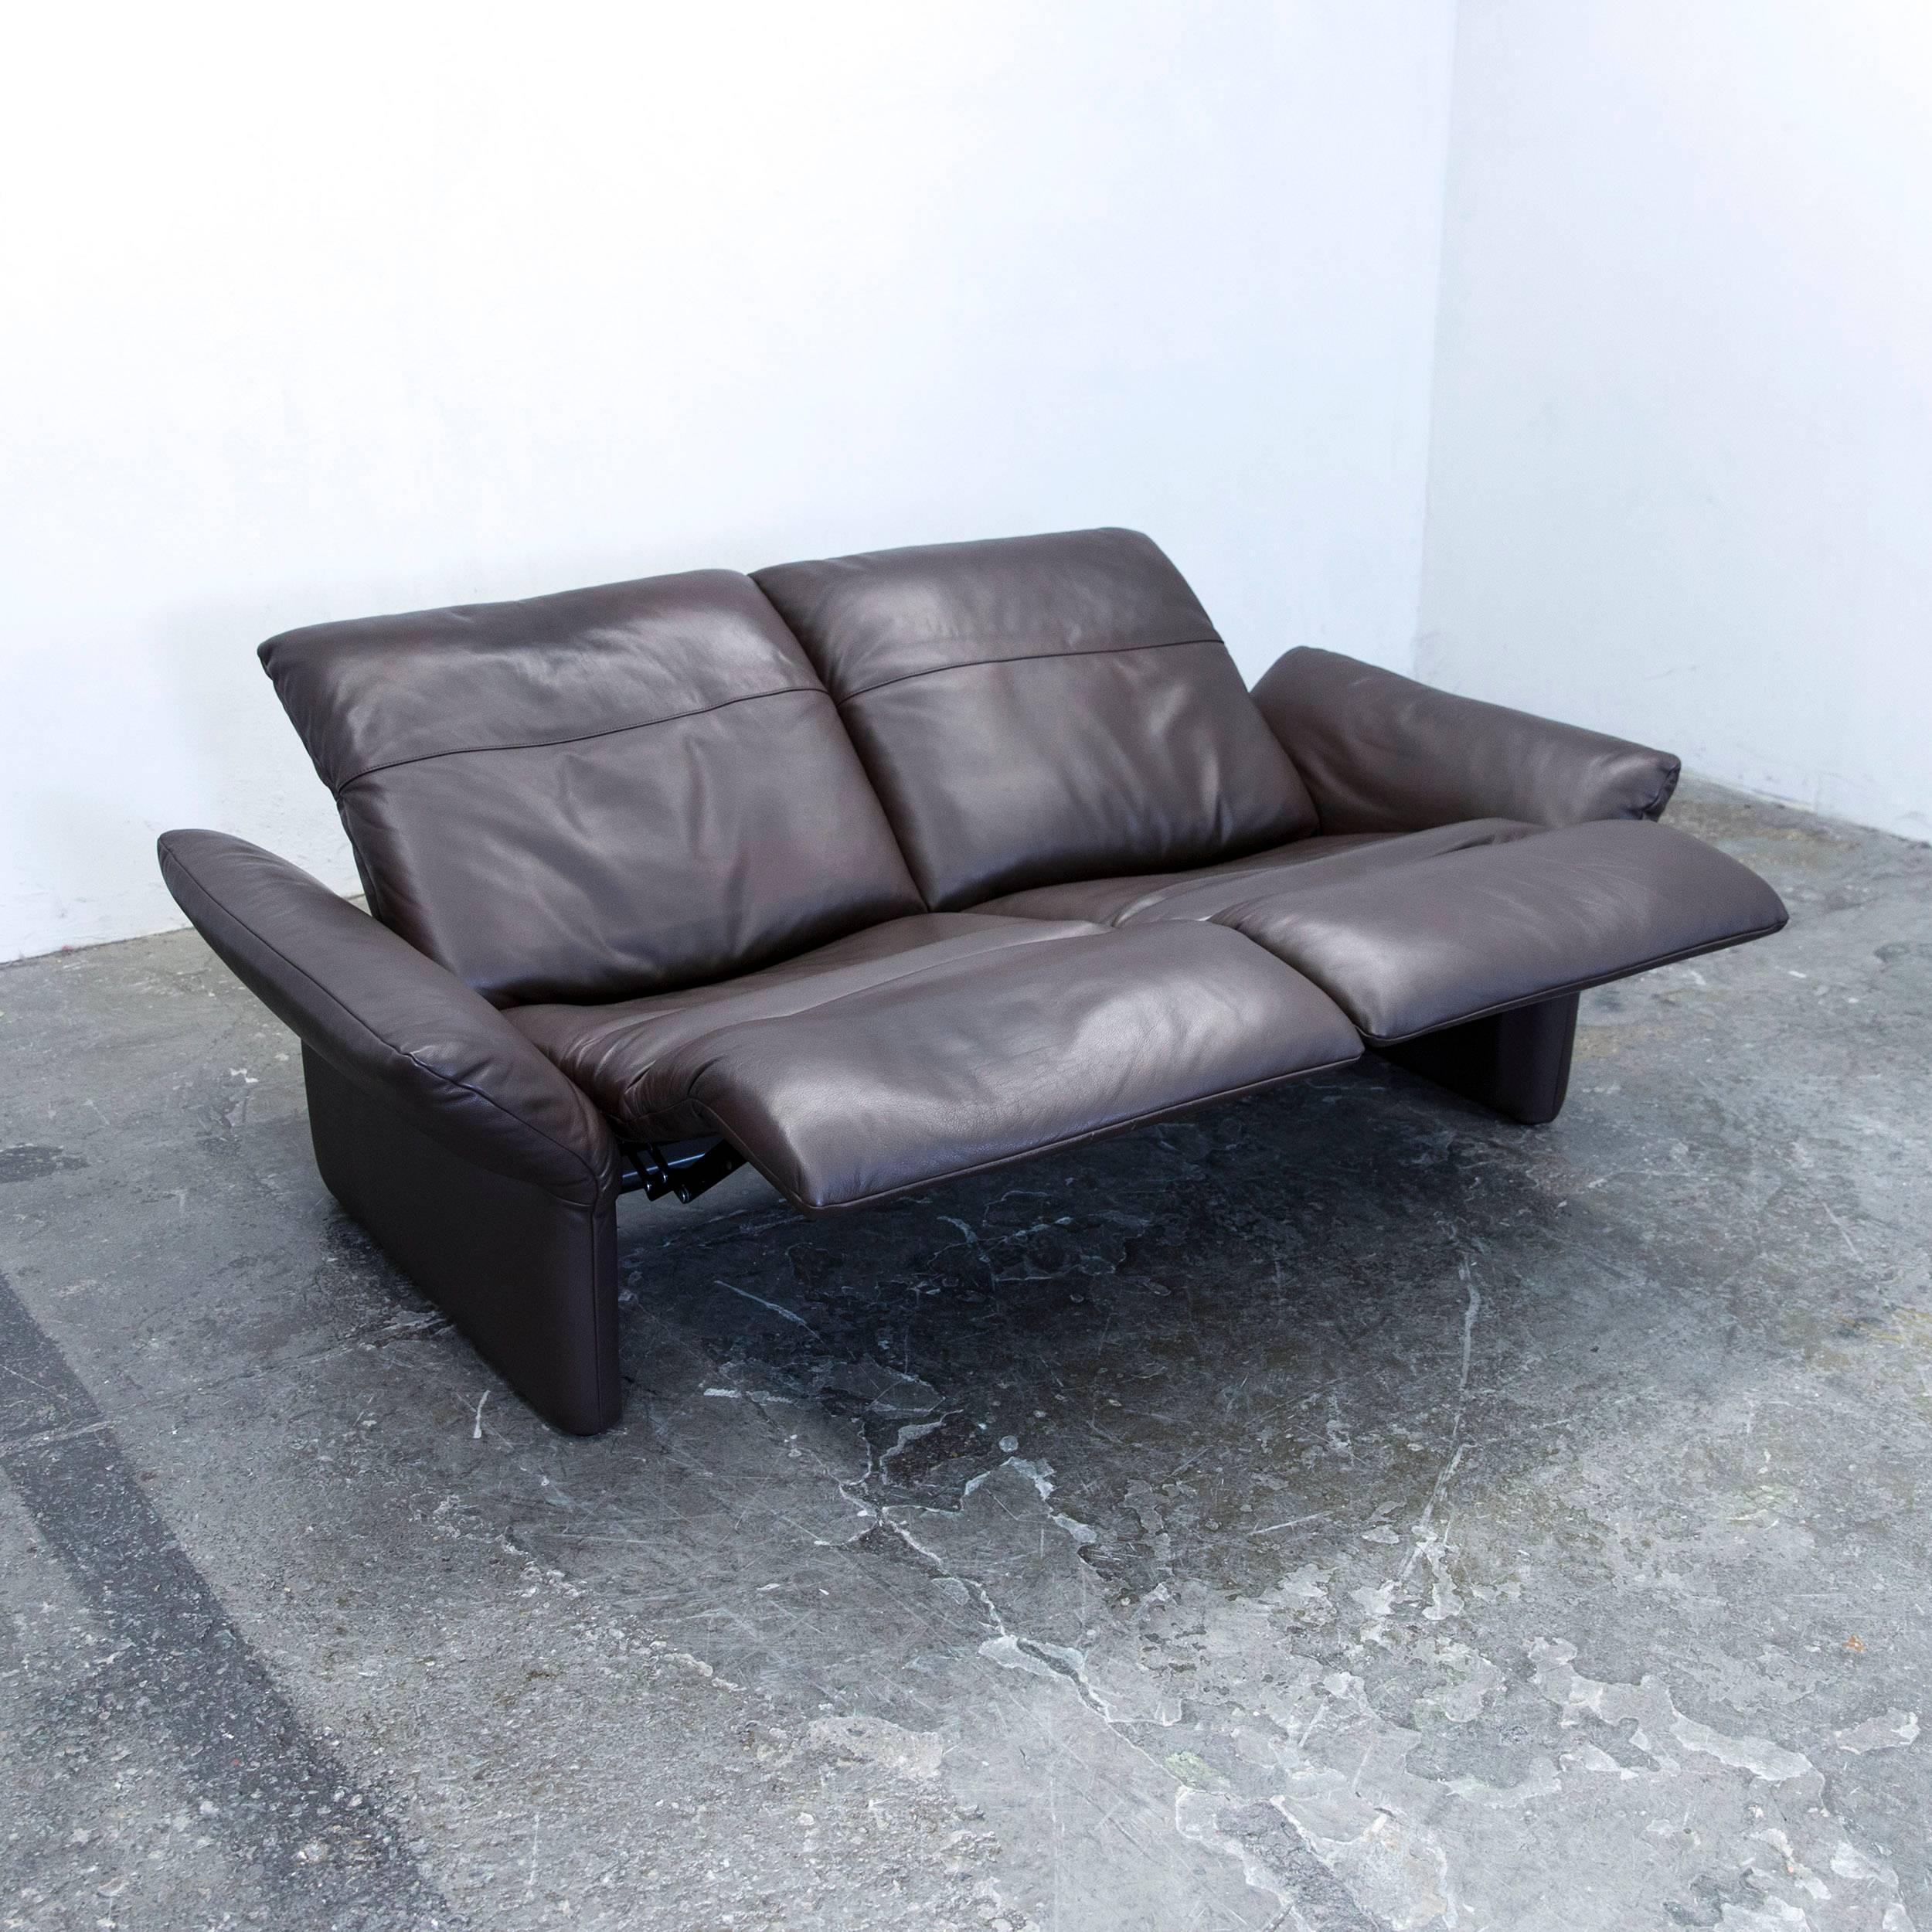 Entzückend Echtleder Sofa Schwarz Sammlung Von Elegant German Koinor Elena Designer Set Leather